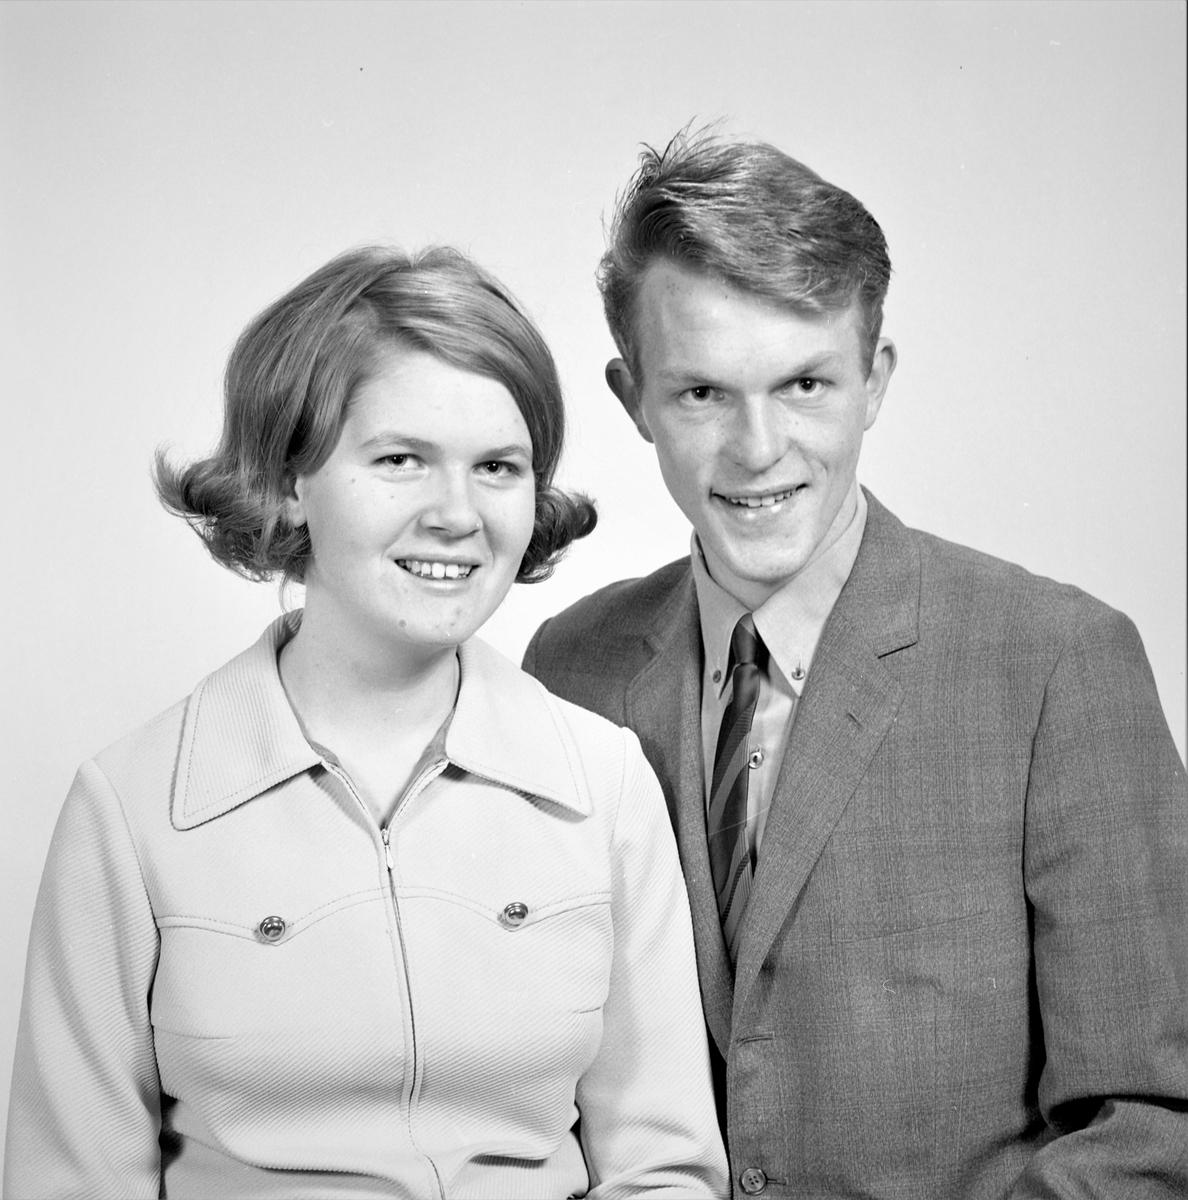 Portrett. Ung kvinne og ung mann. Bestilt av Else Håland. Skåredalen